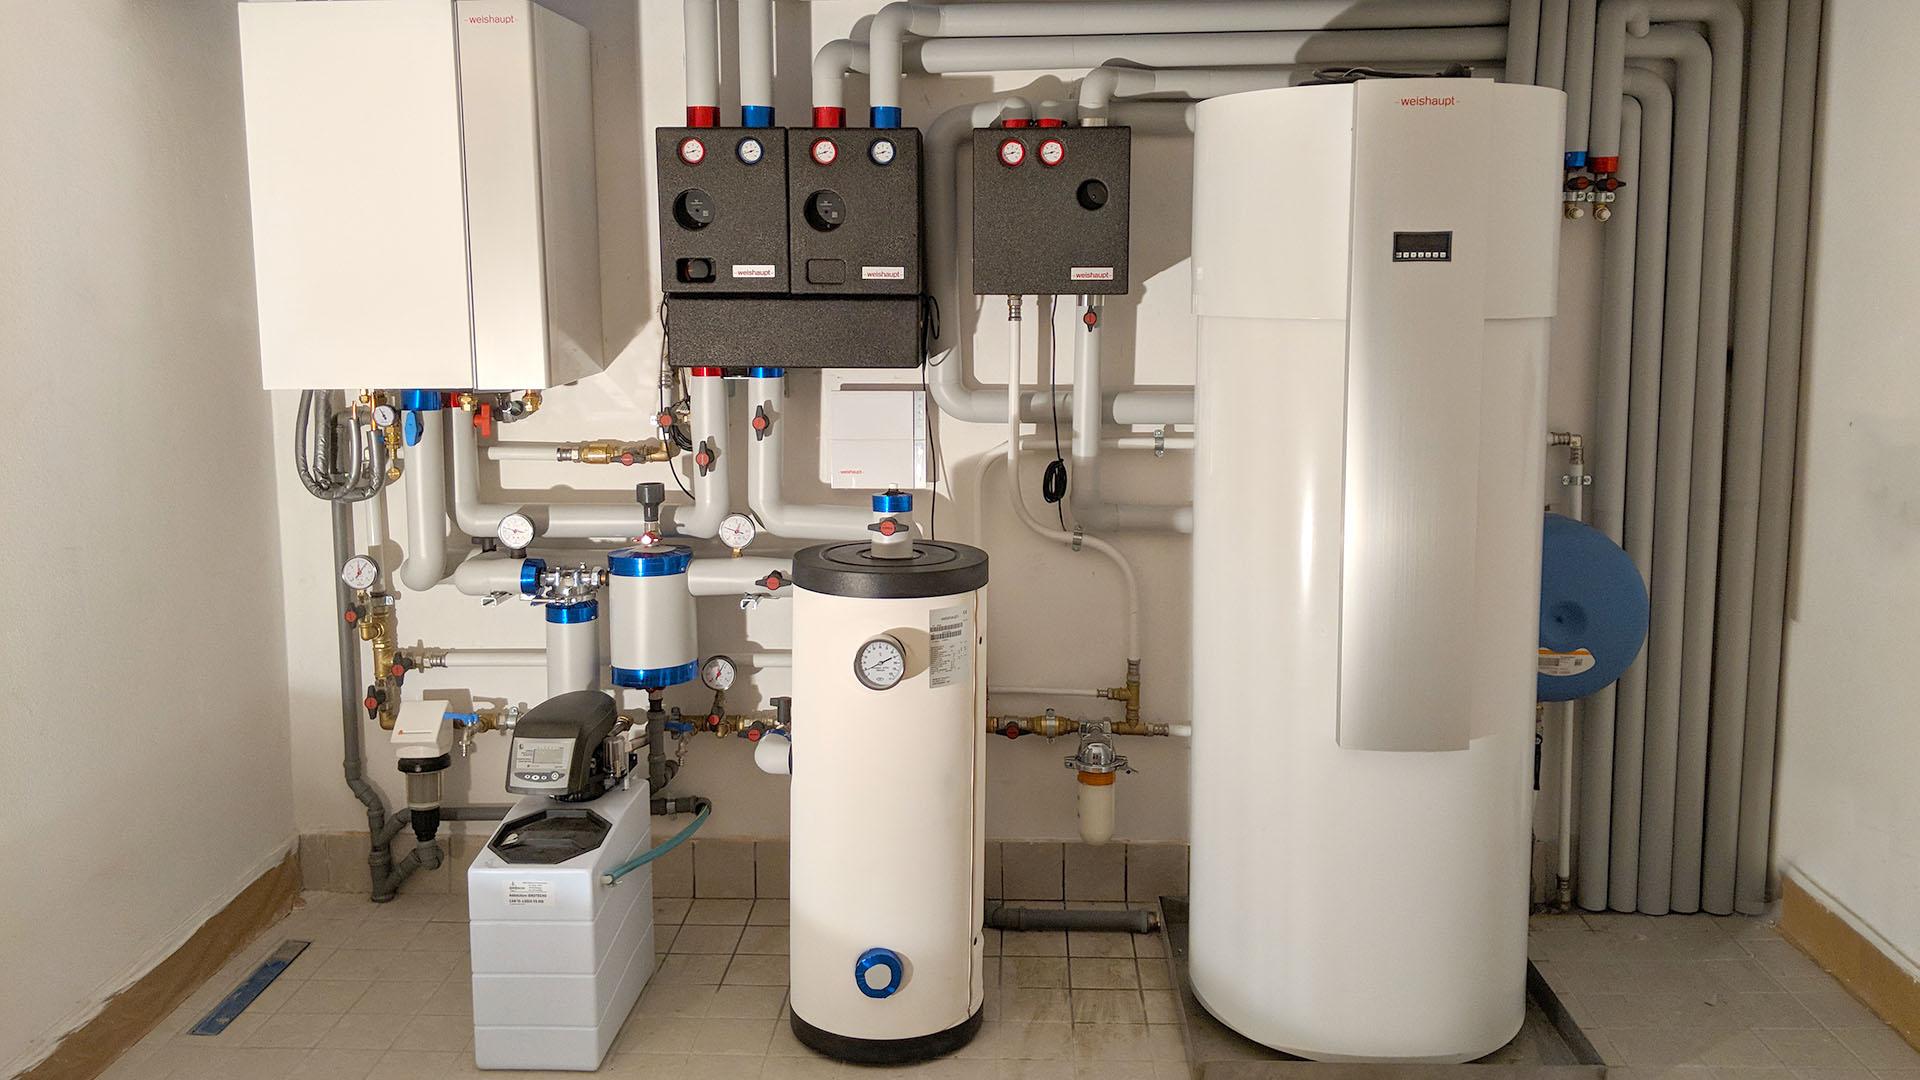 Pompa Di Calore Ventilconvettori impianto a pompa di calore ad inverter | trebbi idroimpianti